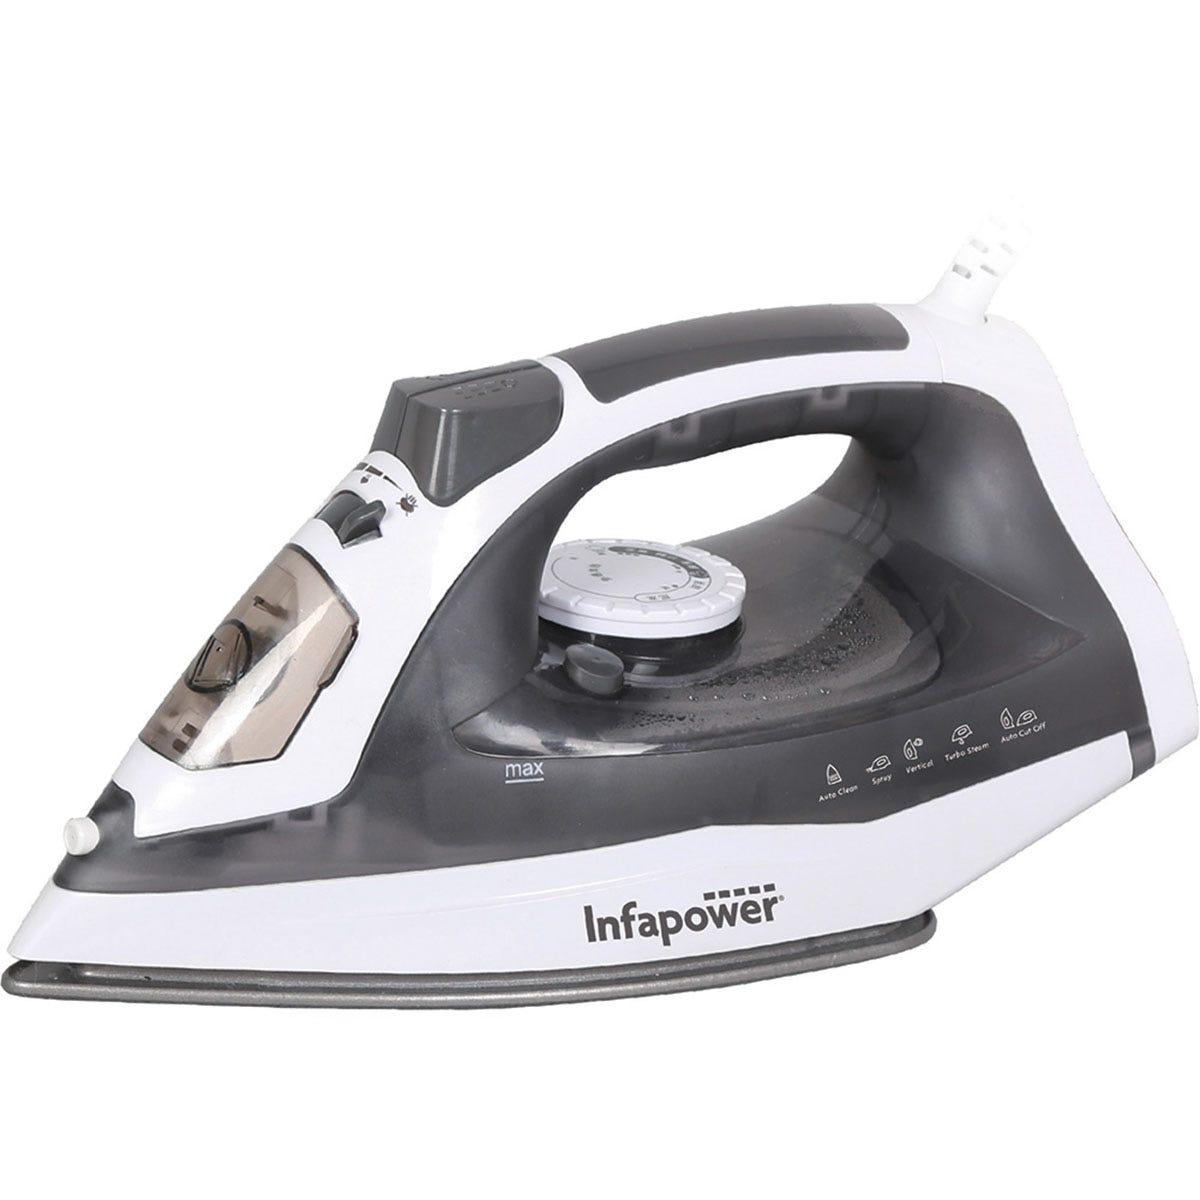 Infapower X602 2400W Premium Steam Iron - White & Grey